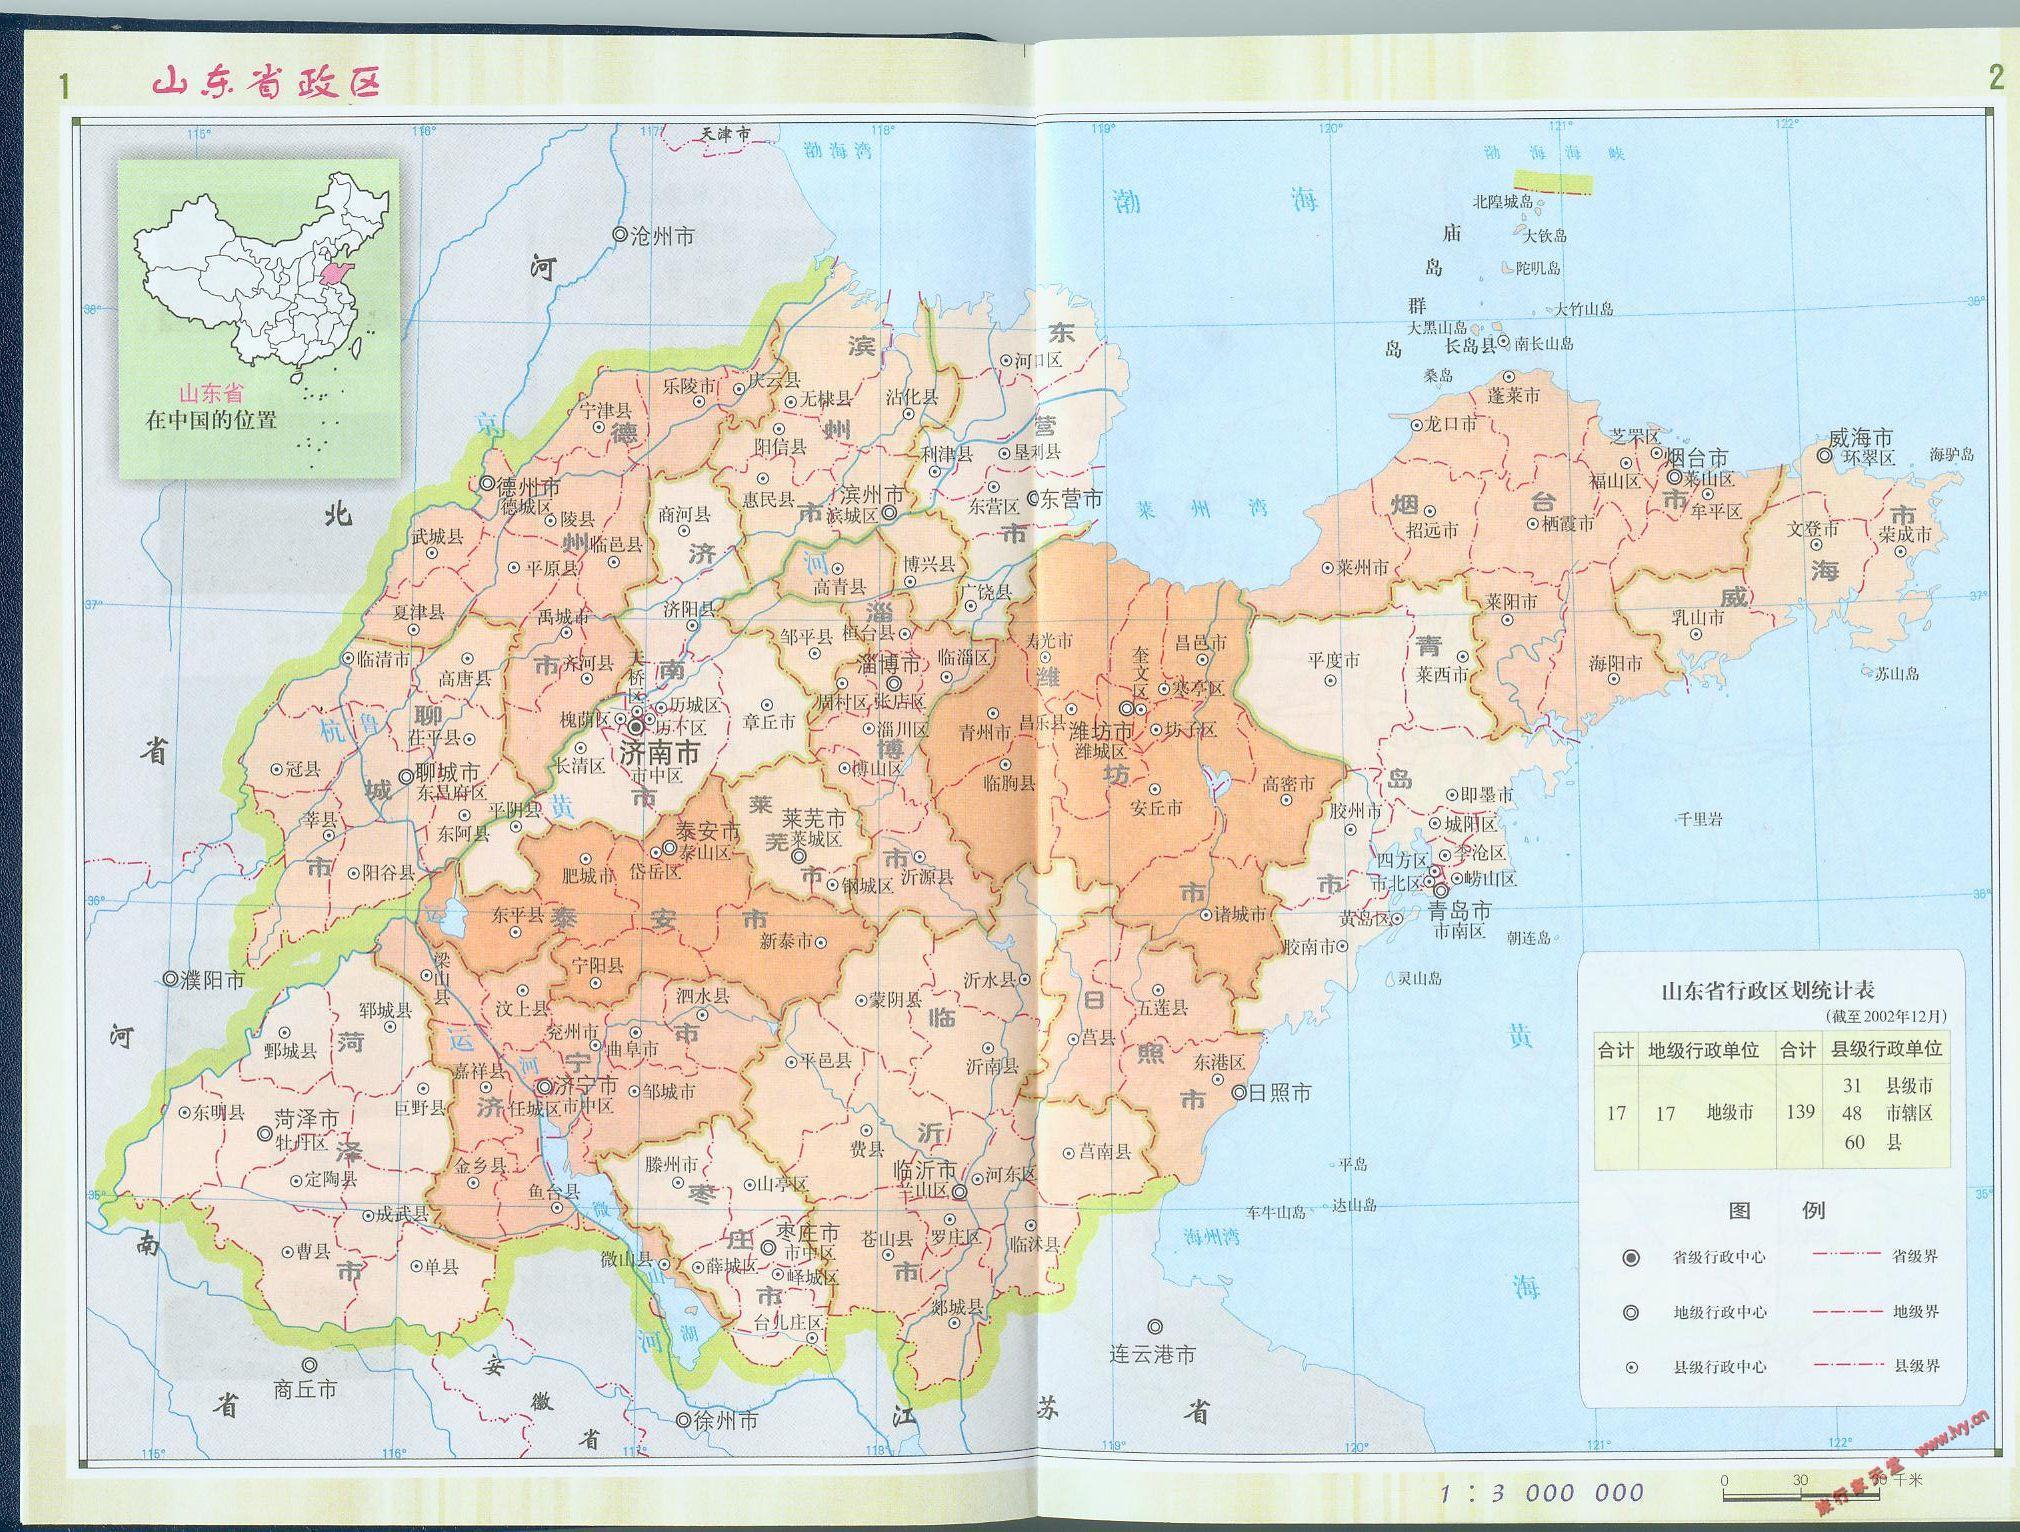 山东省行政区划地图